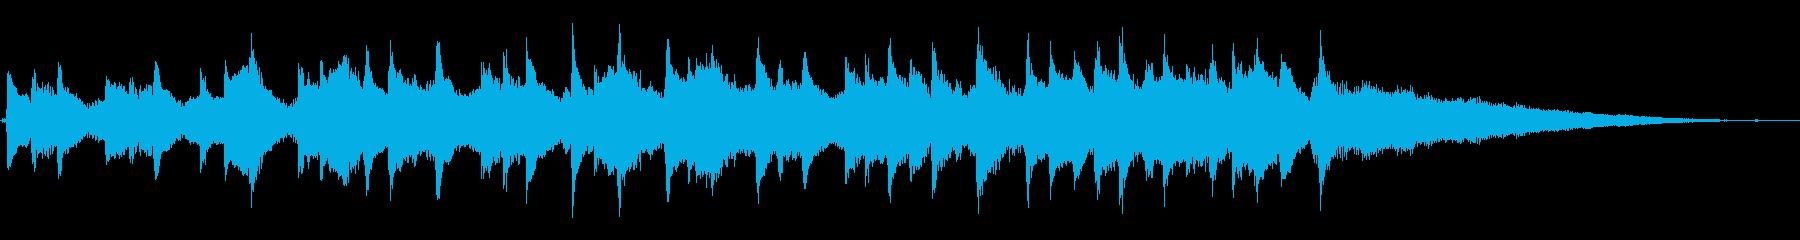 穏やかながらどこか憂いのあるピアノOPの再生済みの波形